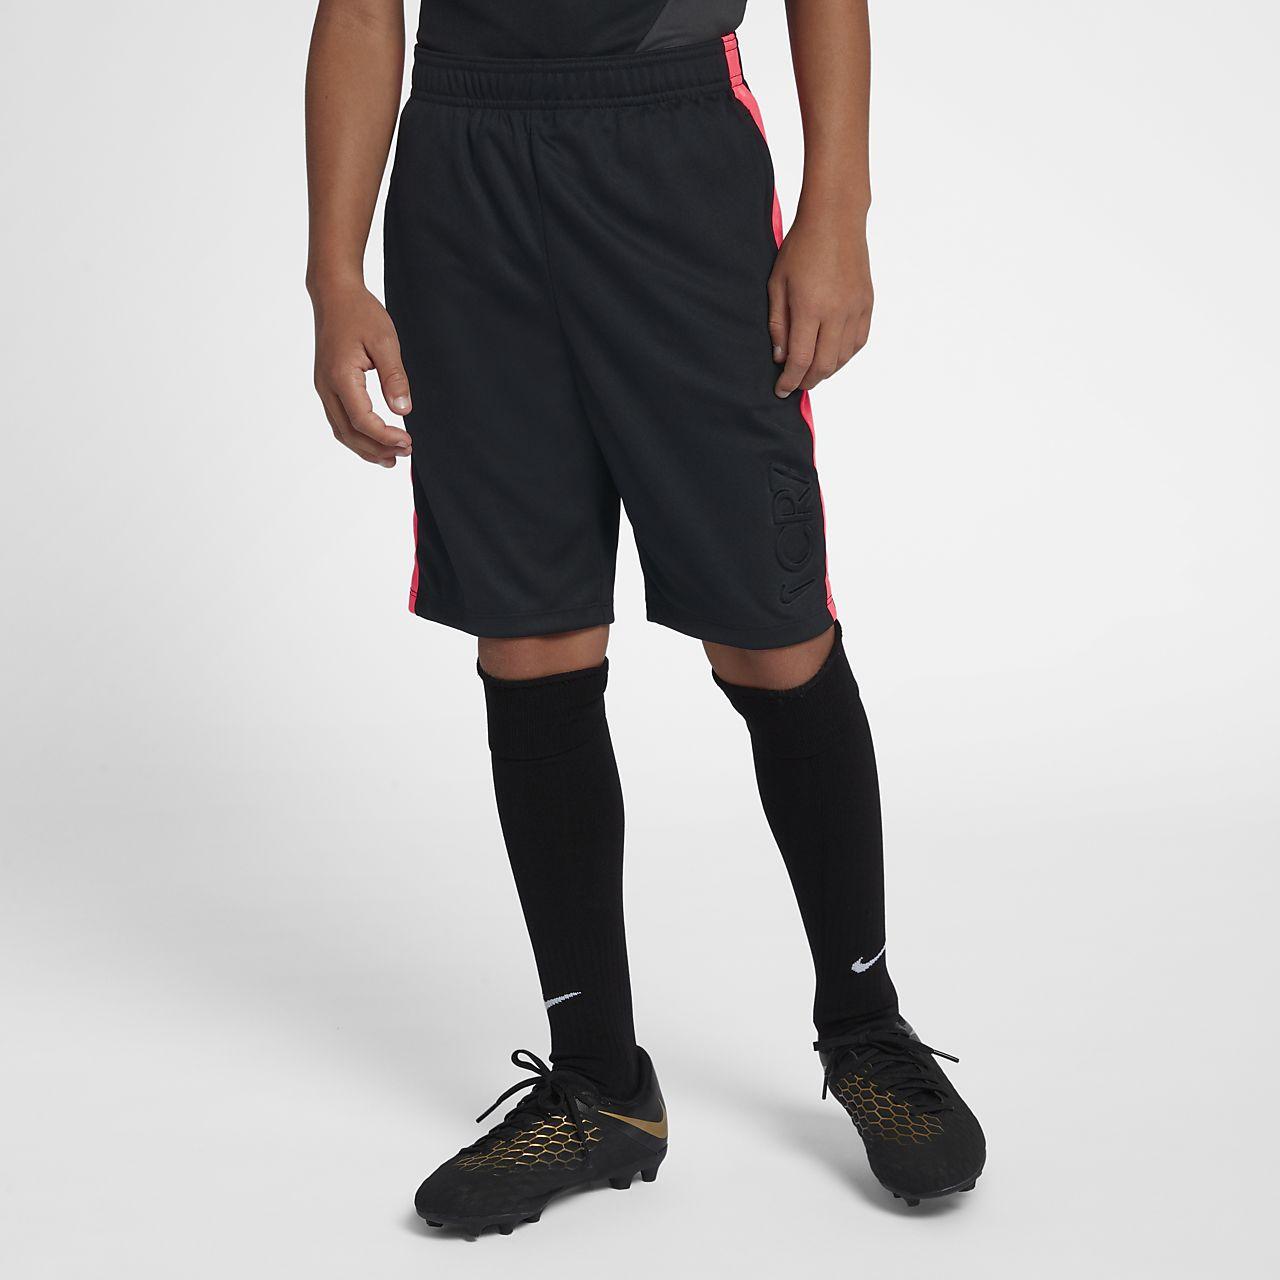 Nike Dri-FIT CR7 Pantalón corto de fútbol - Niño